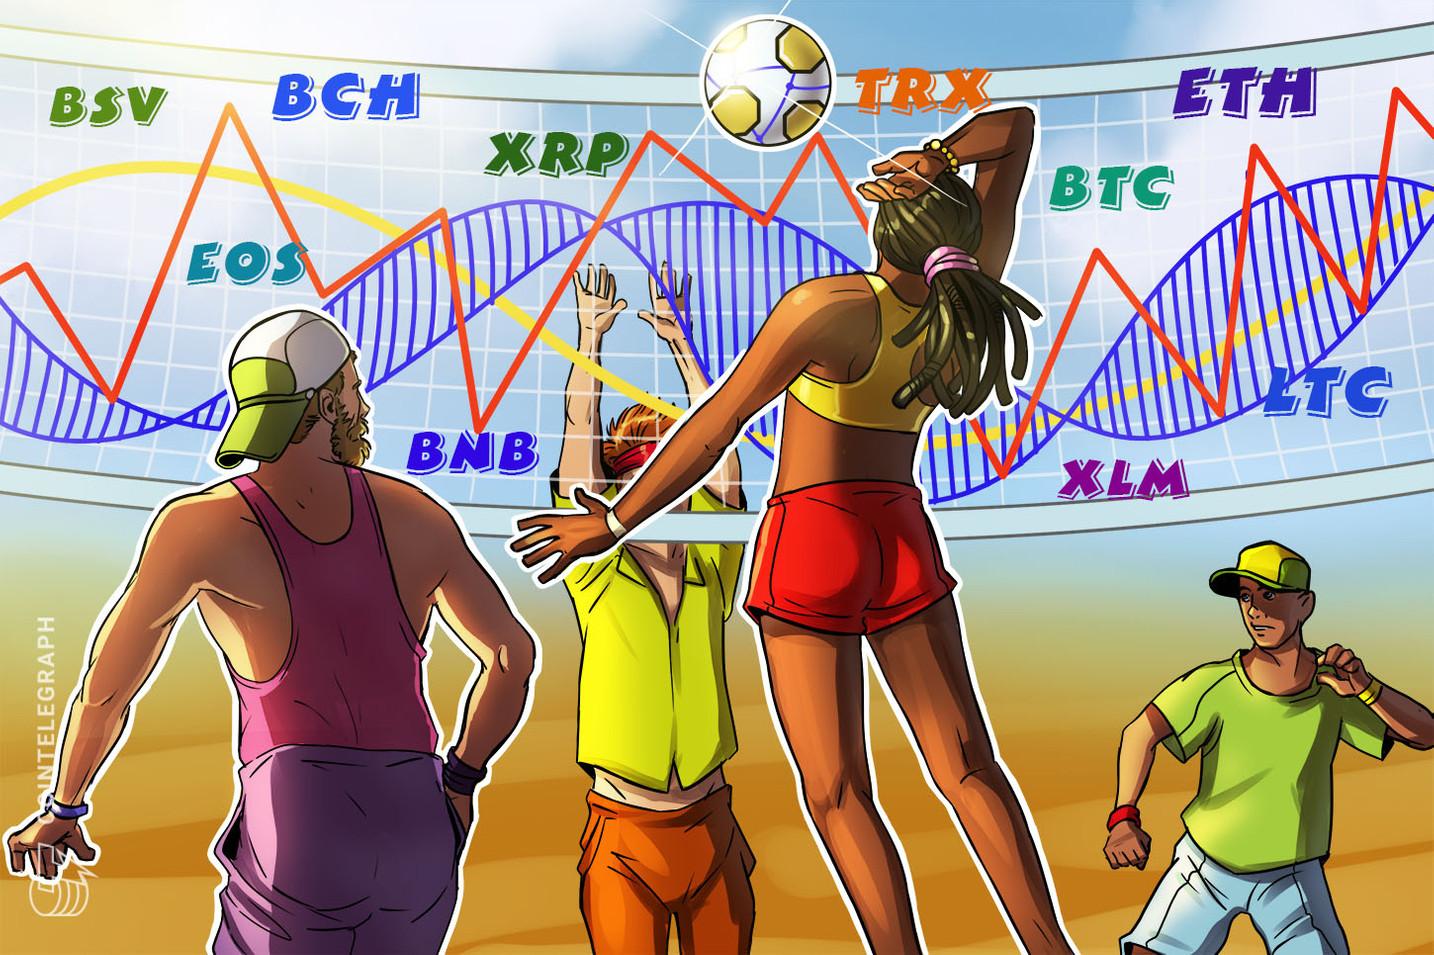 Análisis de Precios 12/07: BTC, ETH, XRP, LTC, BCH, EOS, BNB, BSV, TRX, XLM